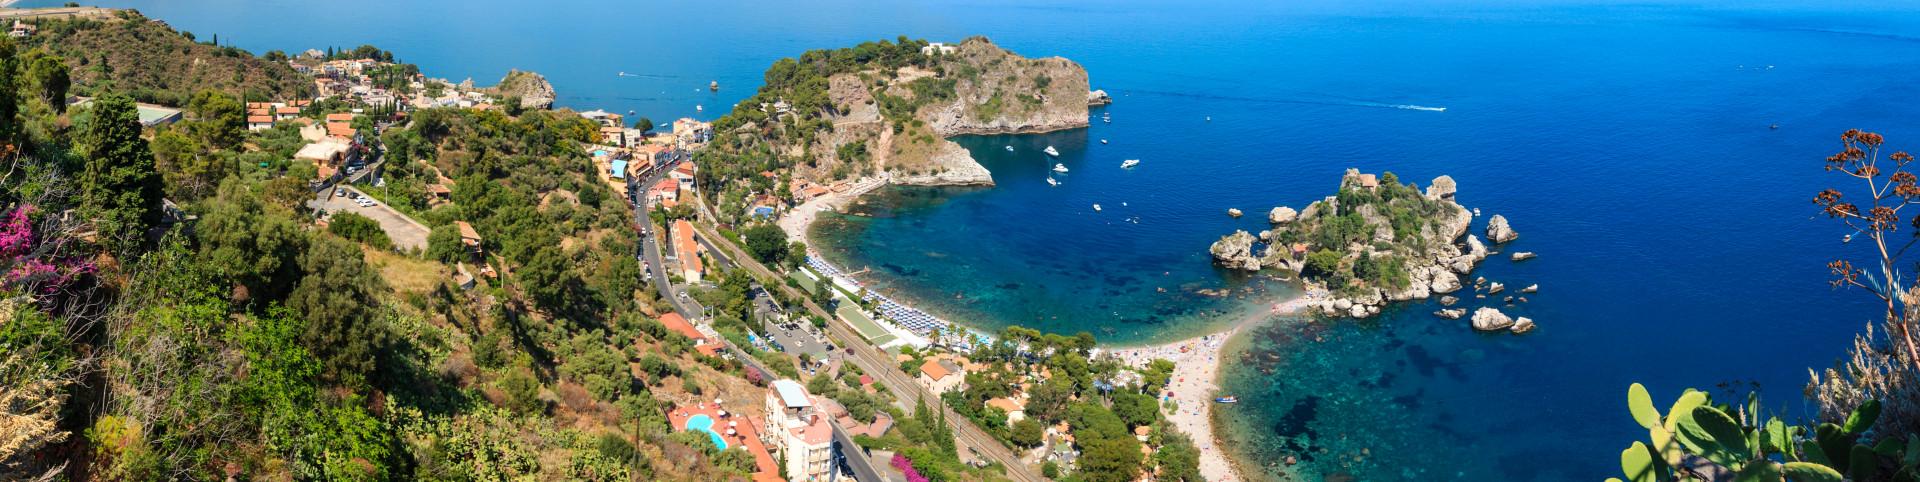 Taormina a ostrůvek Isola Bella